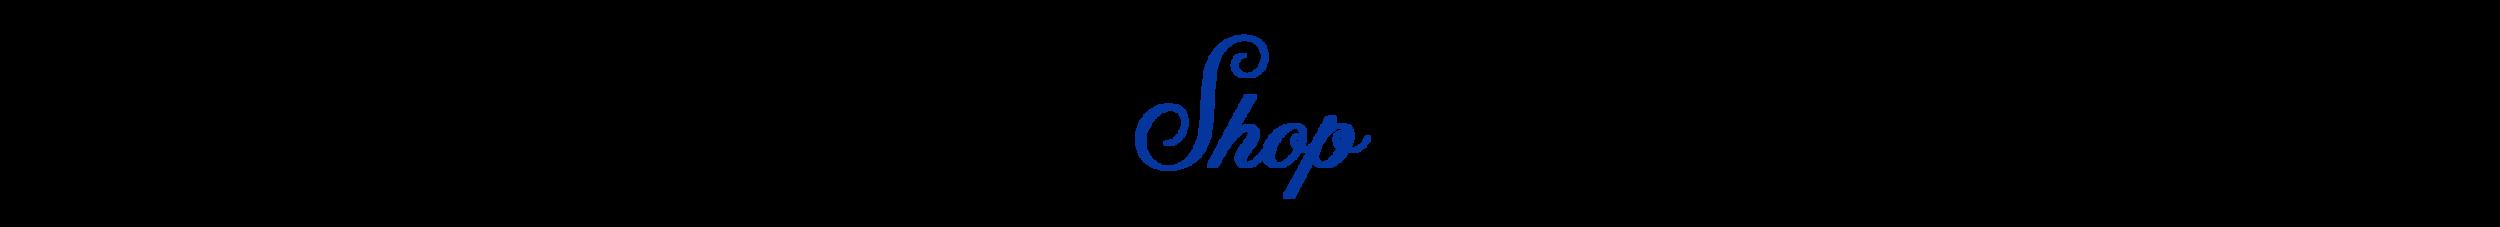 shop-header.png